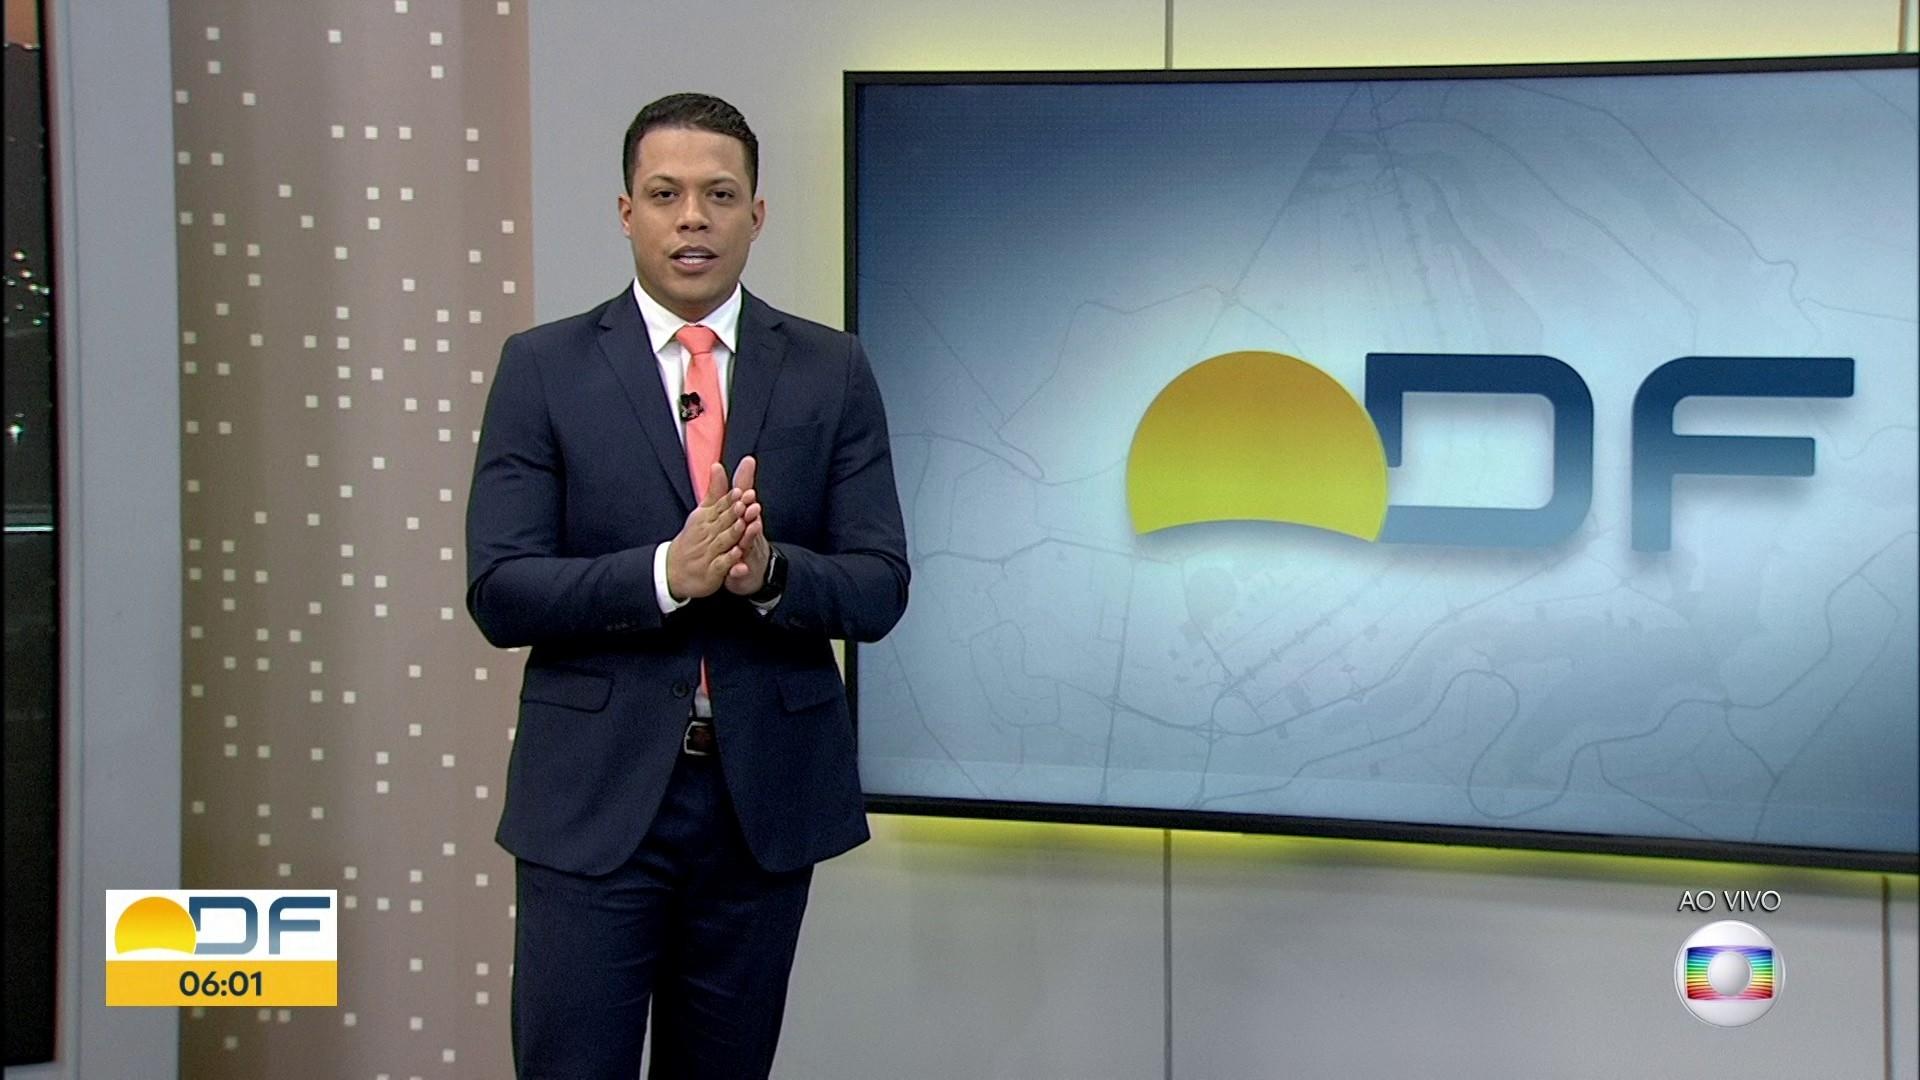 VÍDEOS: Bom Dia DF de quinta-feira, 30 de abril